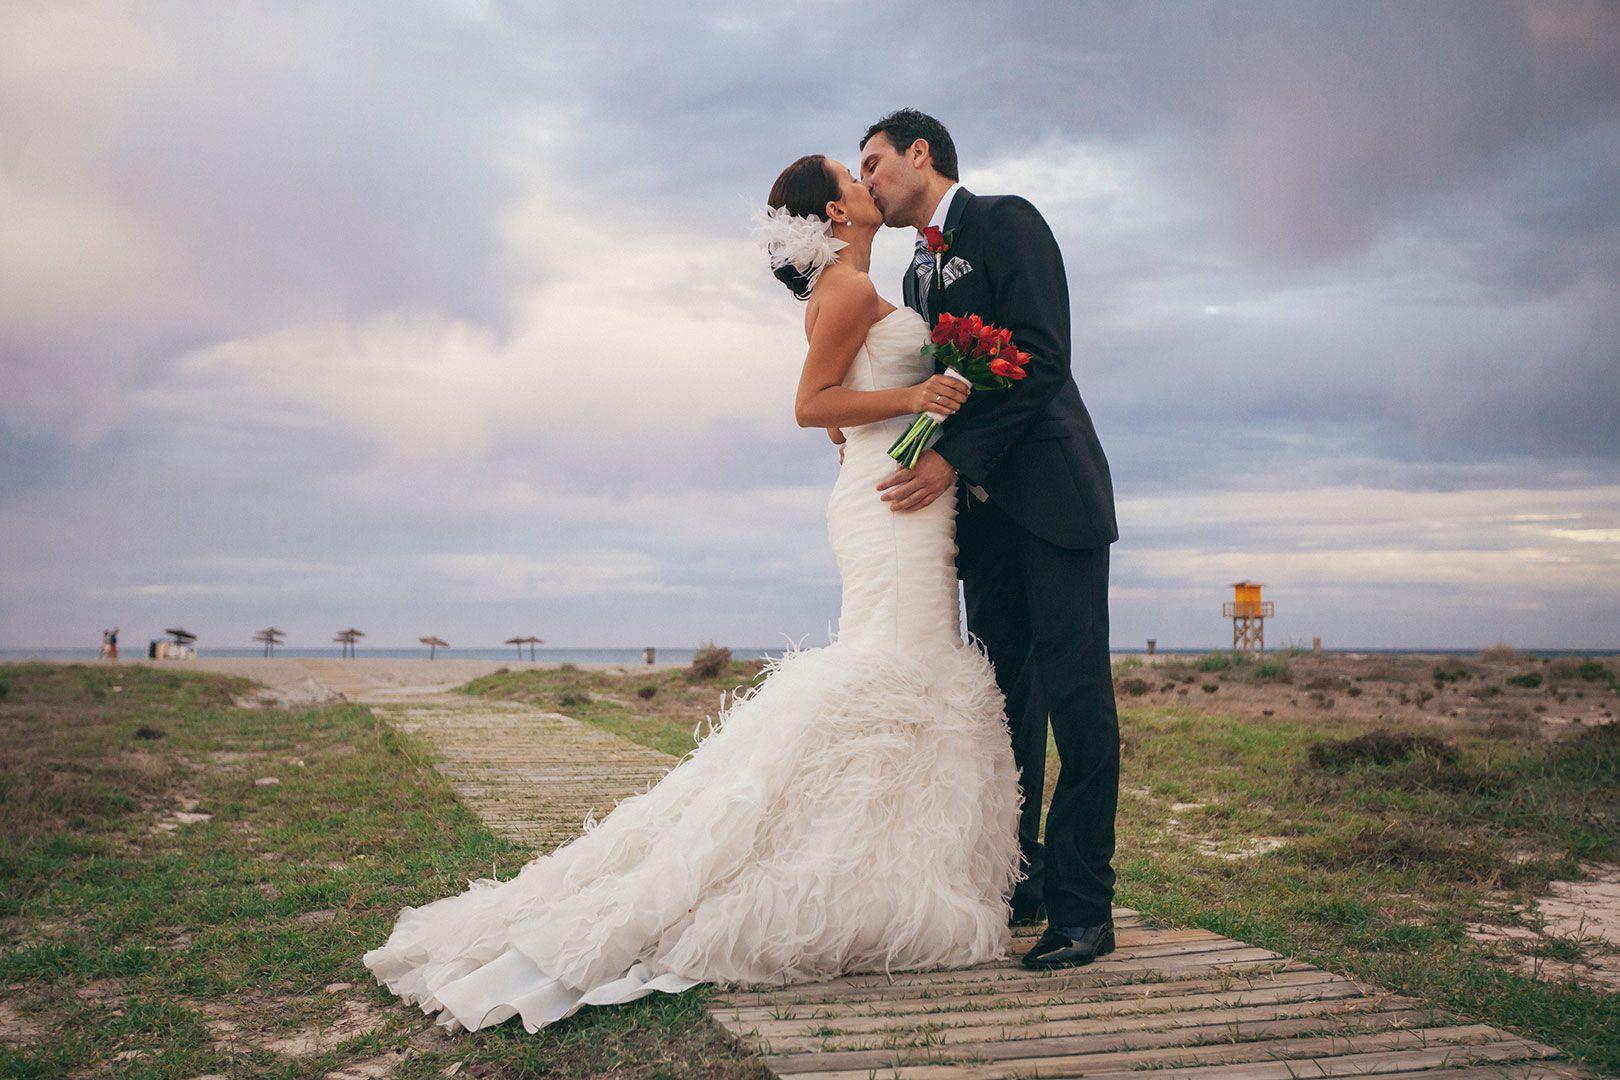 El beso. El dia de la boda. Www.imagenesdemiboda.com